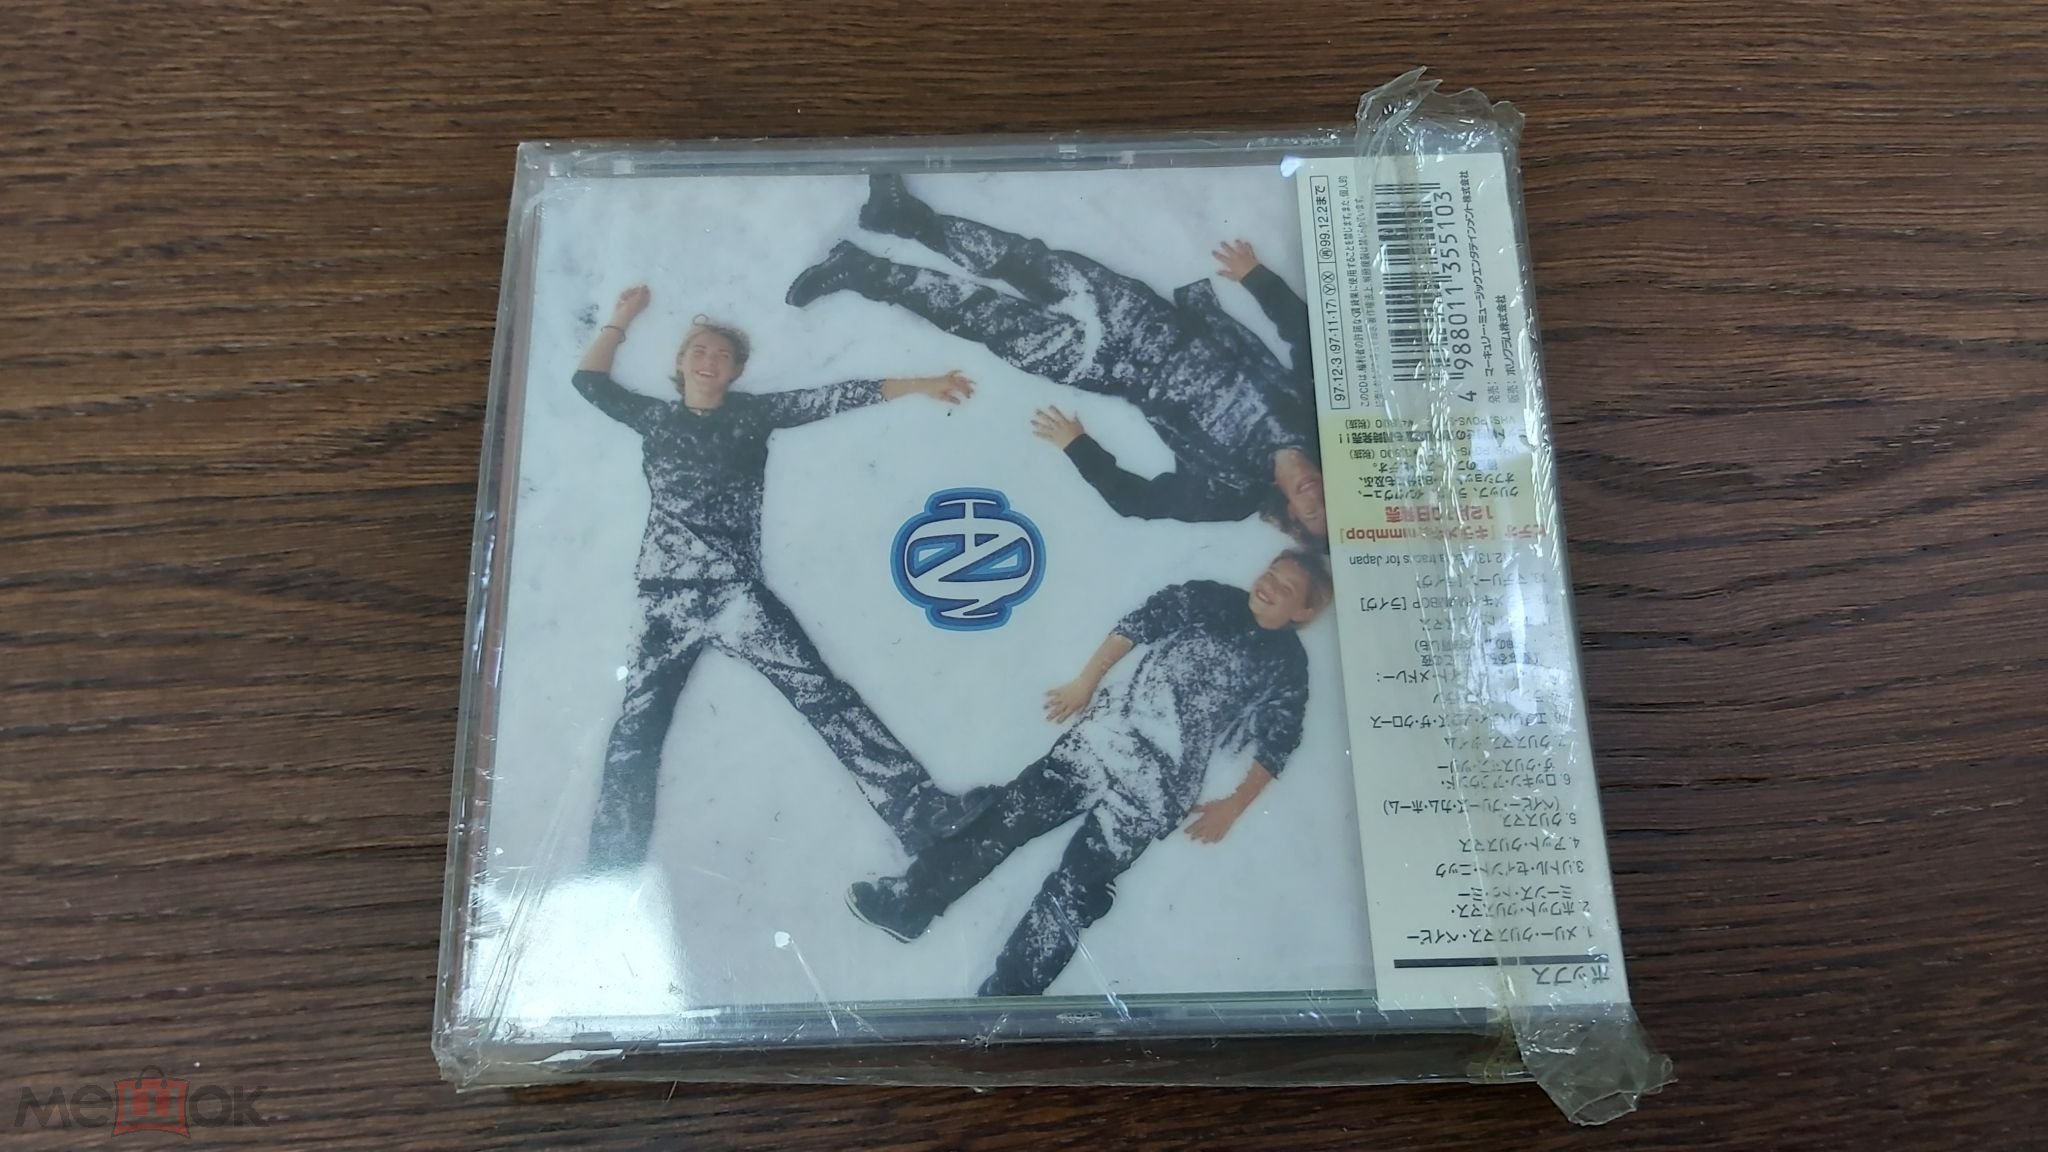 HANSON SNOWED IN. CD диск, фирменный, из Японии. Высокое качество звука! Новый. Нераспечатанный.